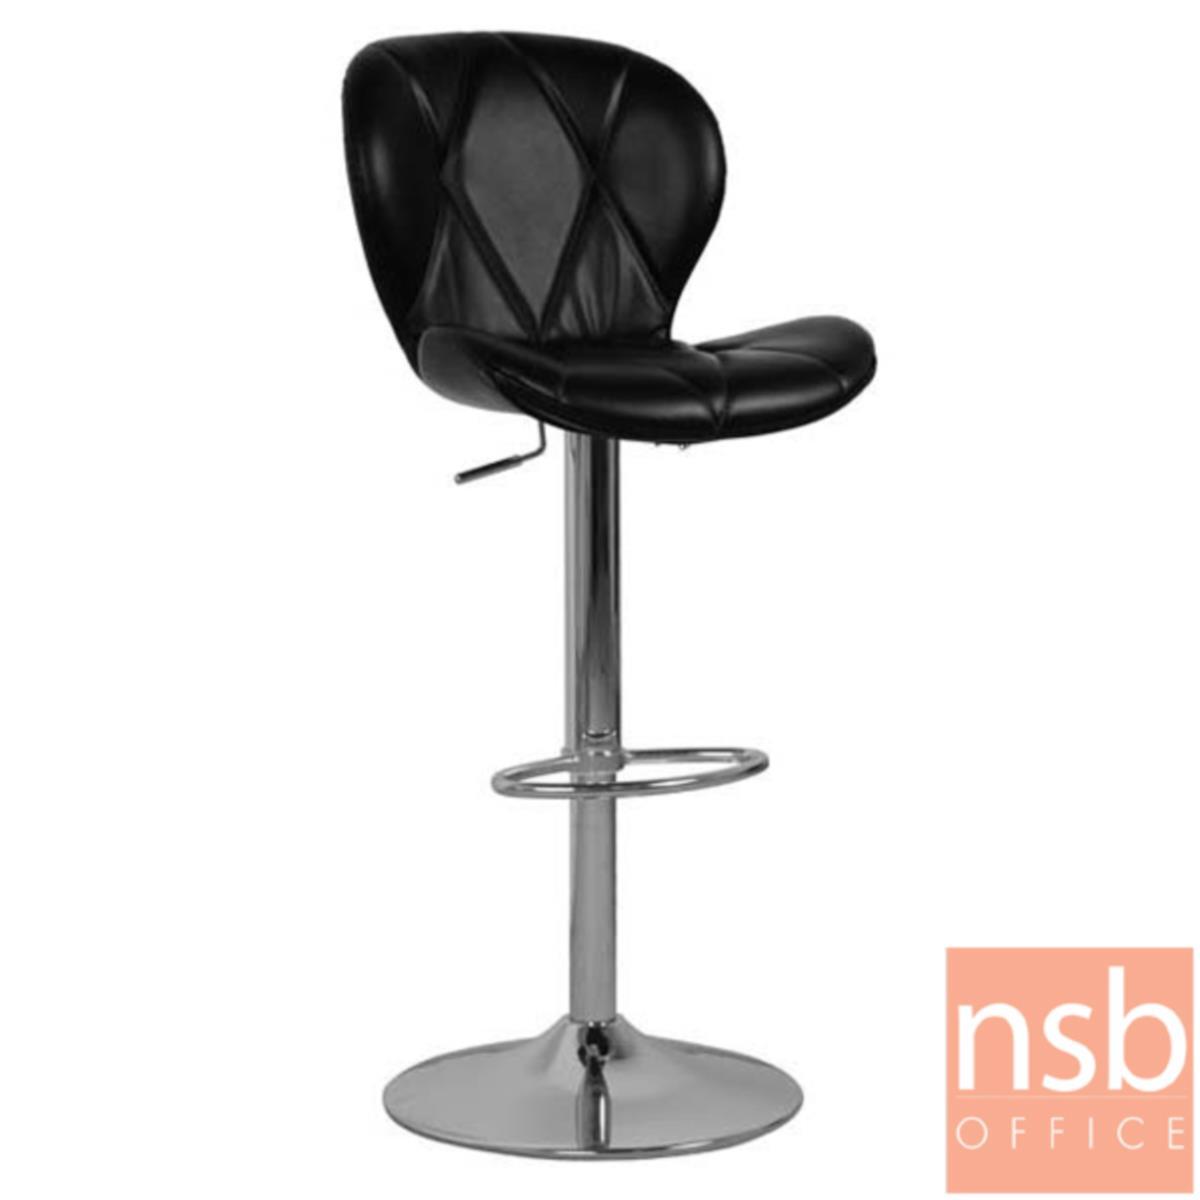 B18A063:เก้าอี้บาร์สูงหนังเงา รุ่น Maloney (มาโลนี) ขนาด 47W cm. โช๊คแก๊ส ขาโครเมี่ยมฐานจานกลม